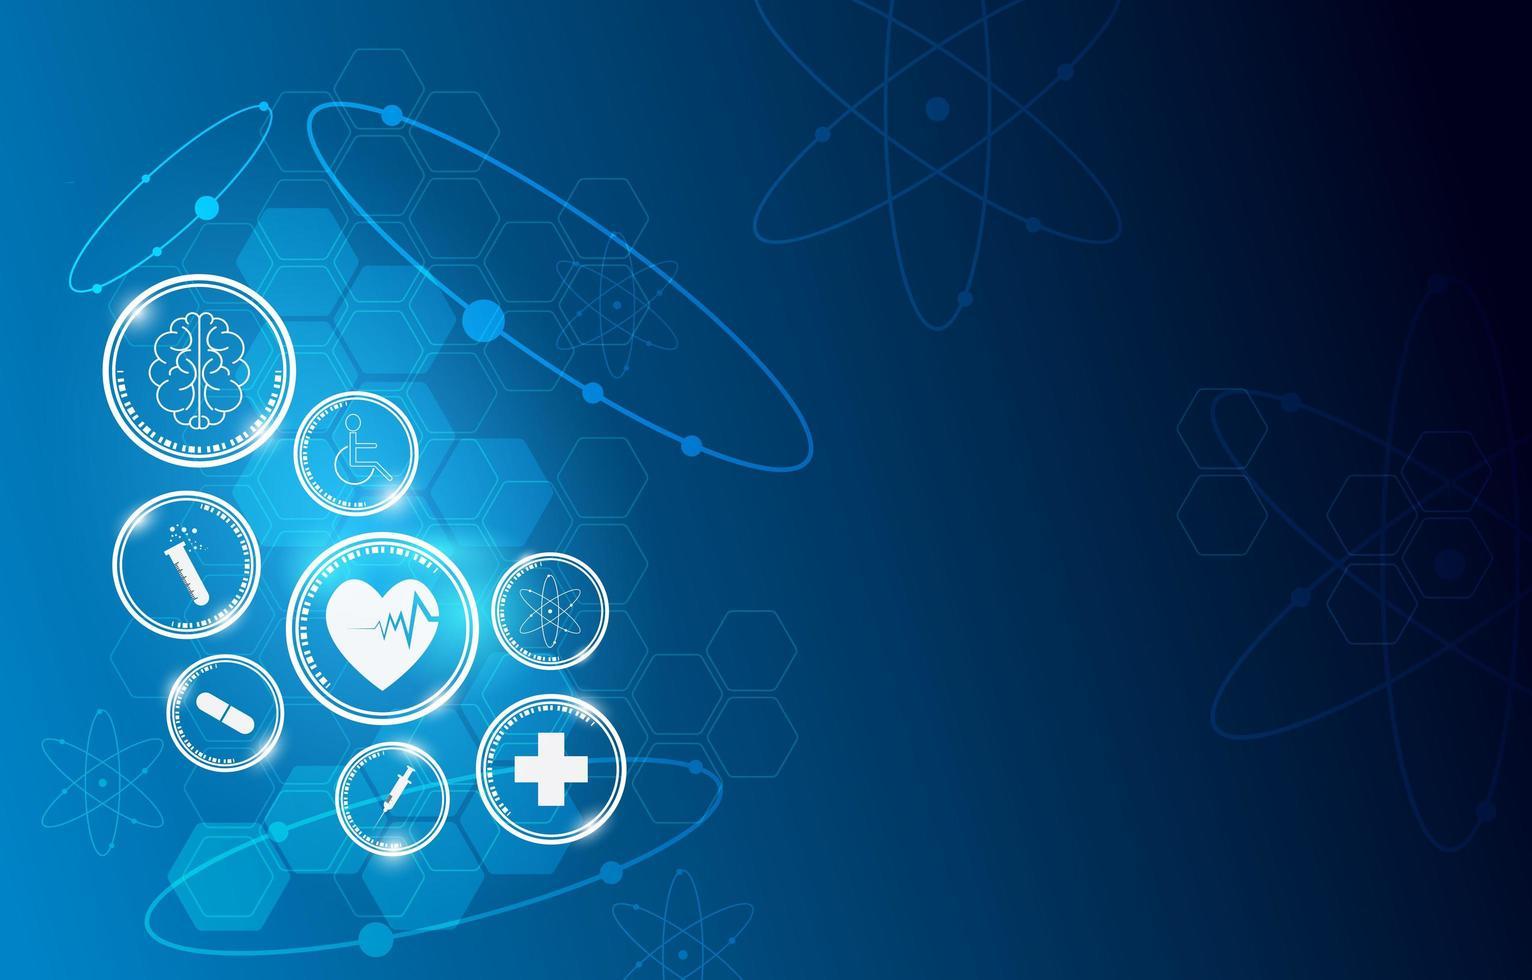 projeto de inovação circular ícone médico vetor